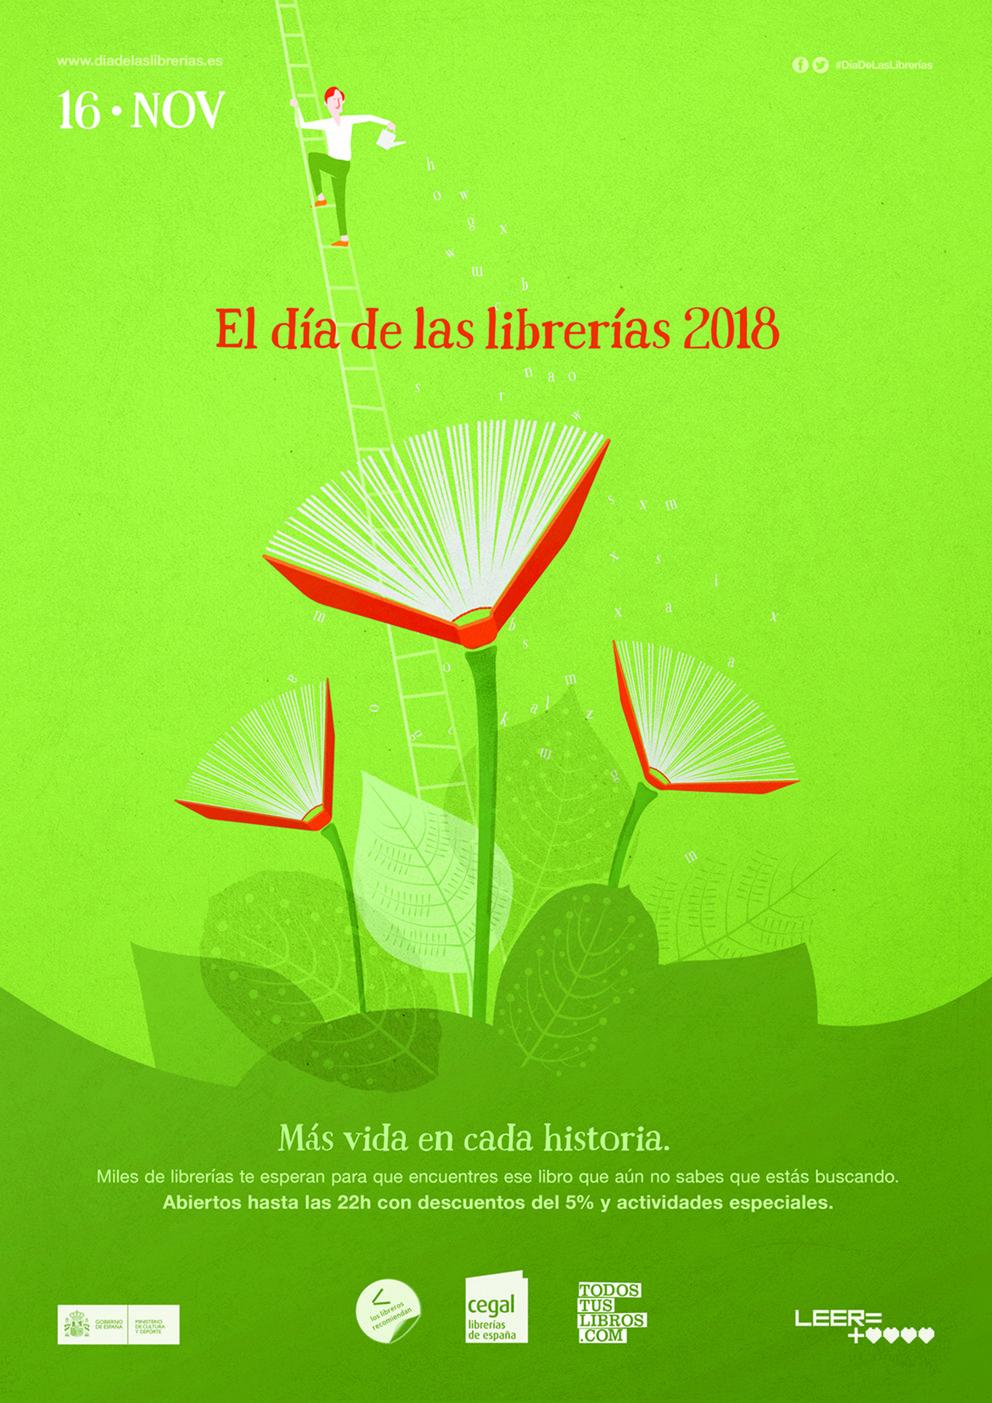 d53bd0d5b2 El Giraldillo - Todos los eventos del 16 de Noviembre en Andalucía